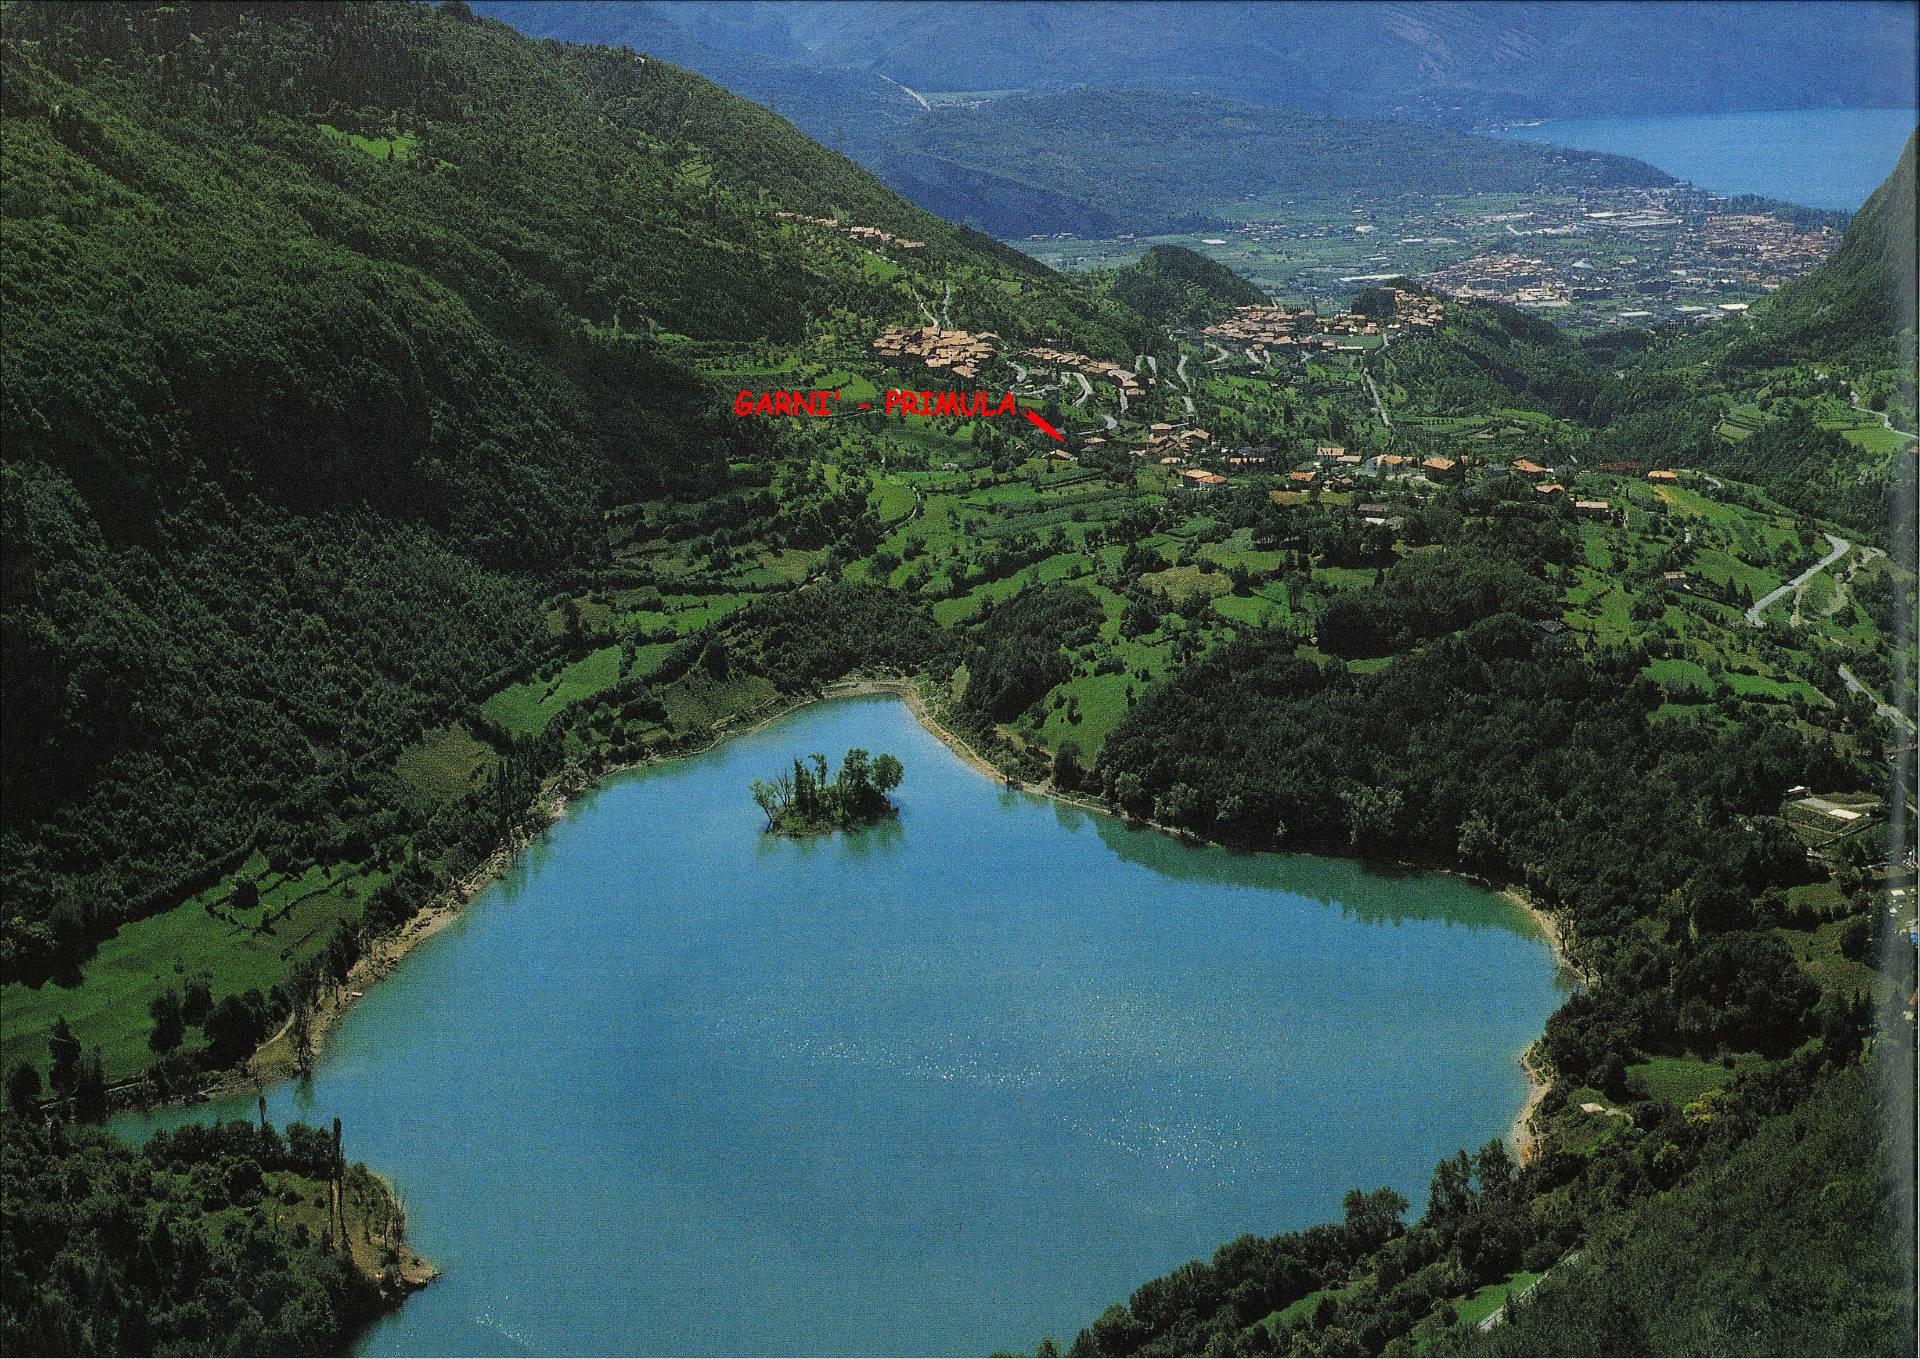 Villa in vendita a Tenno, 8 locali, zona Località: VilledelMonte(LagodiTenno, Trattative riservate | Cambio Casa.it